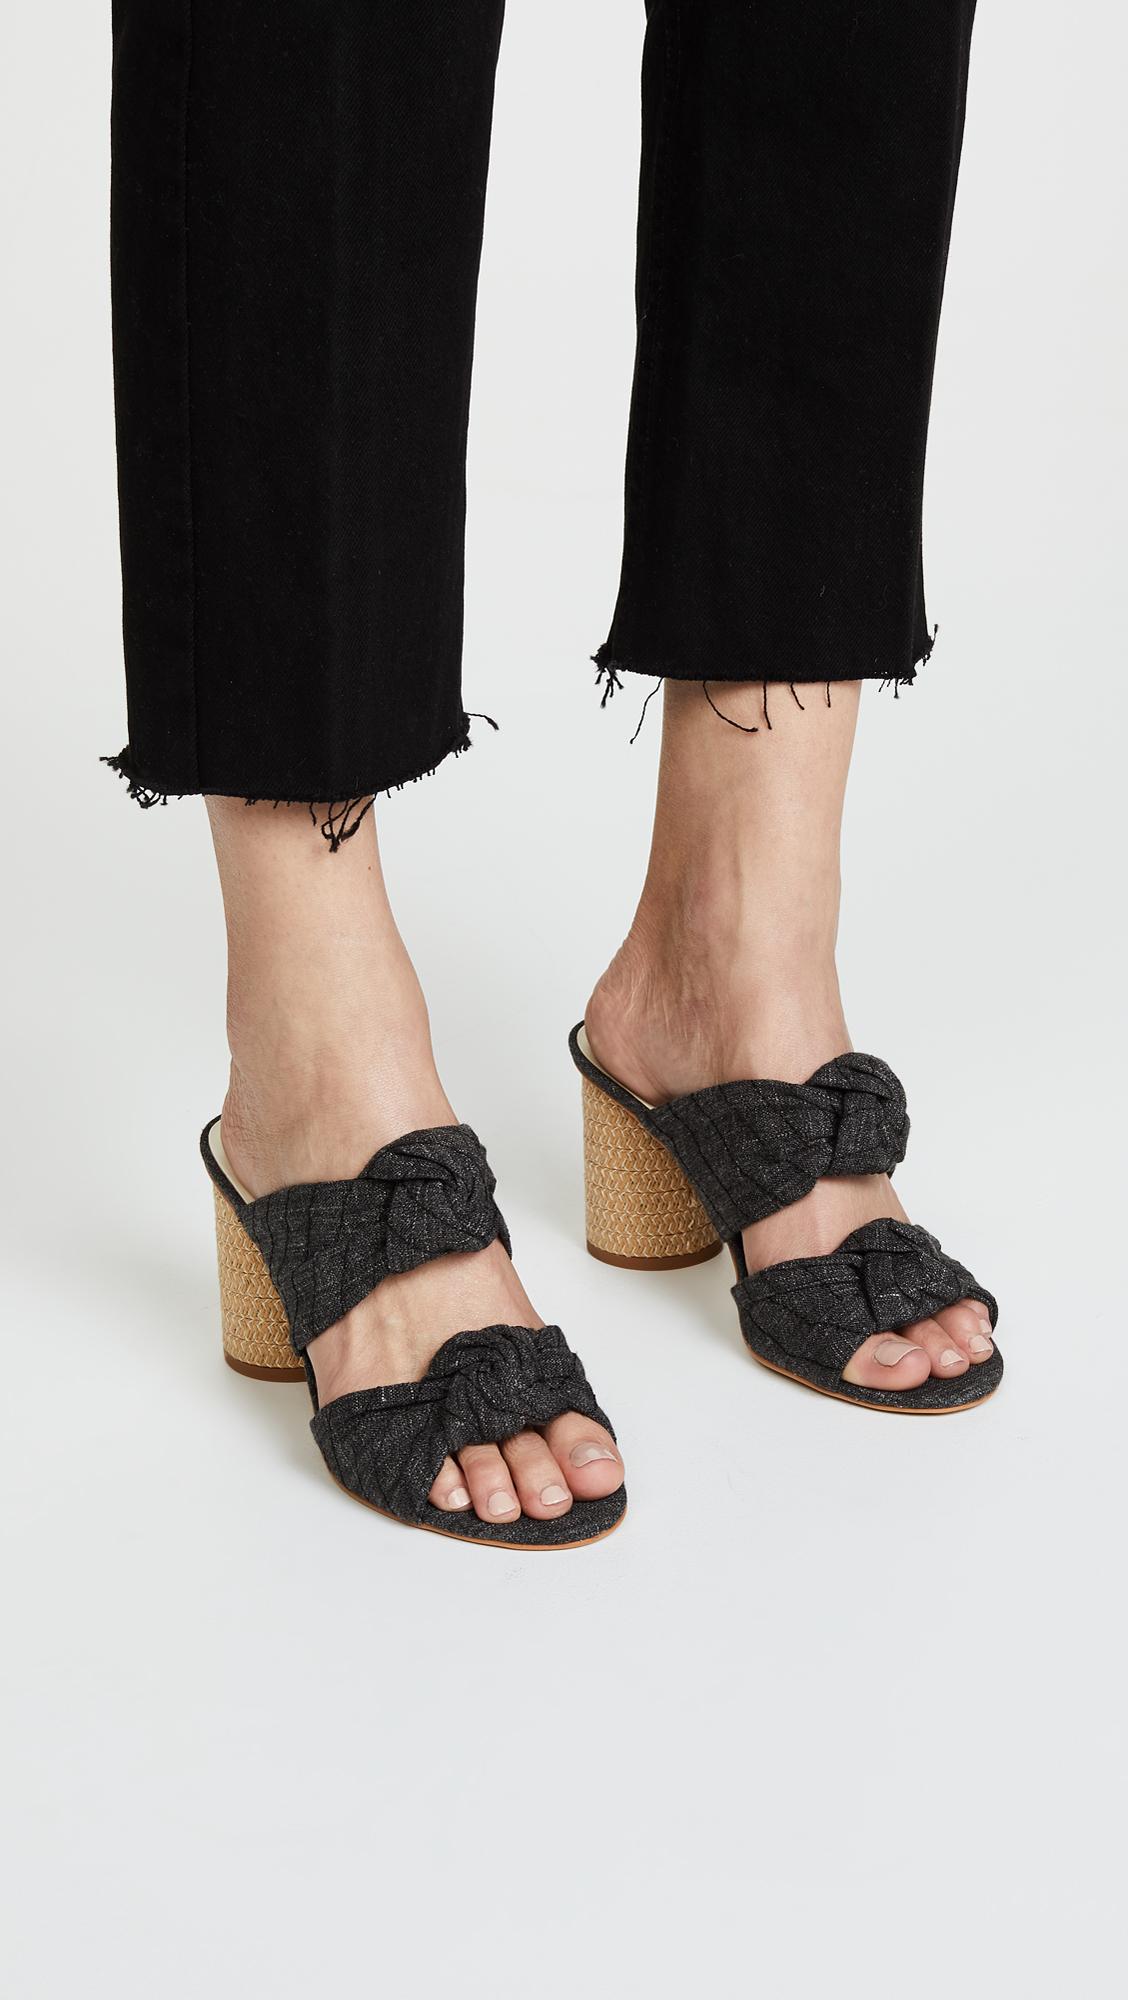 7052e2d7073d Dolce Vita Jene Double Strap Sandals